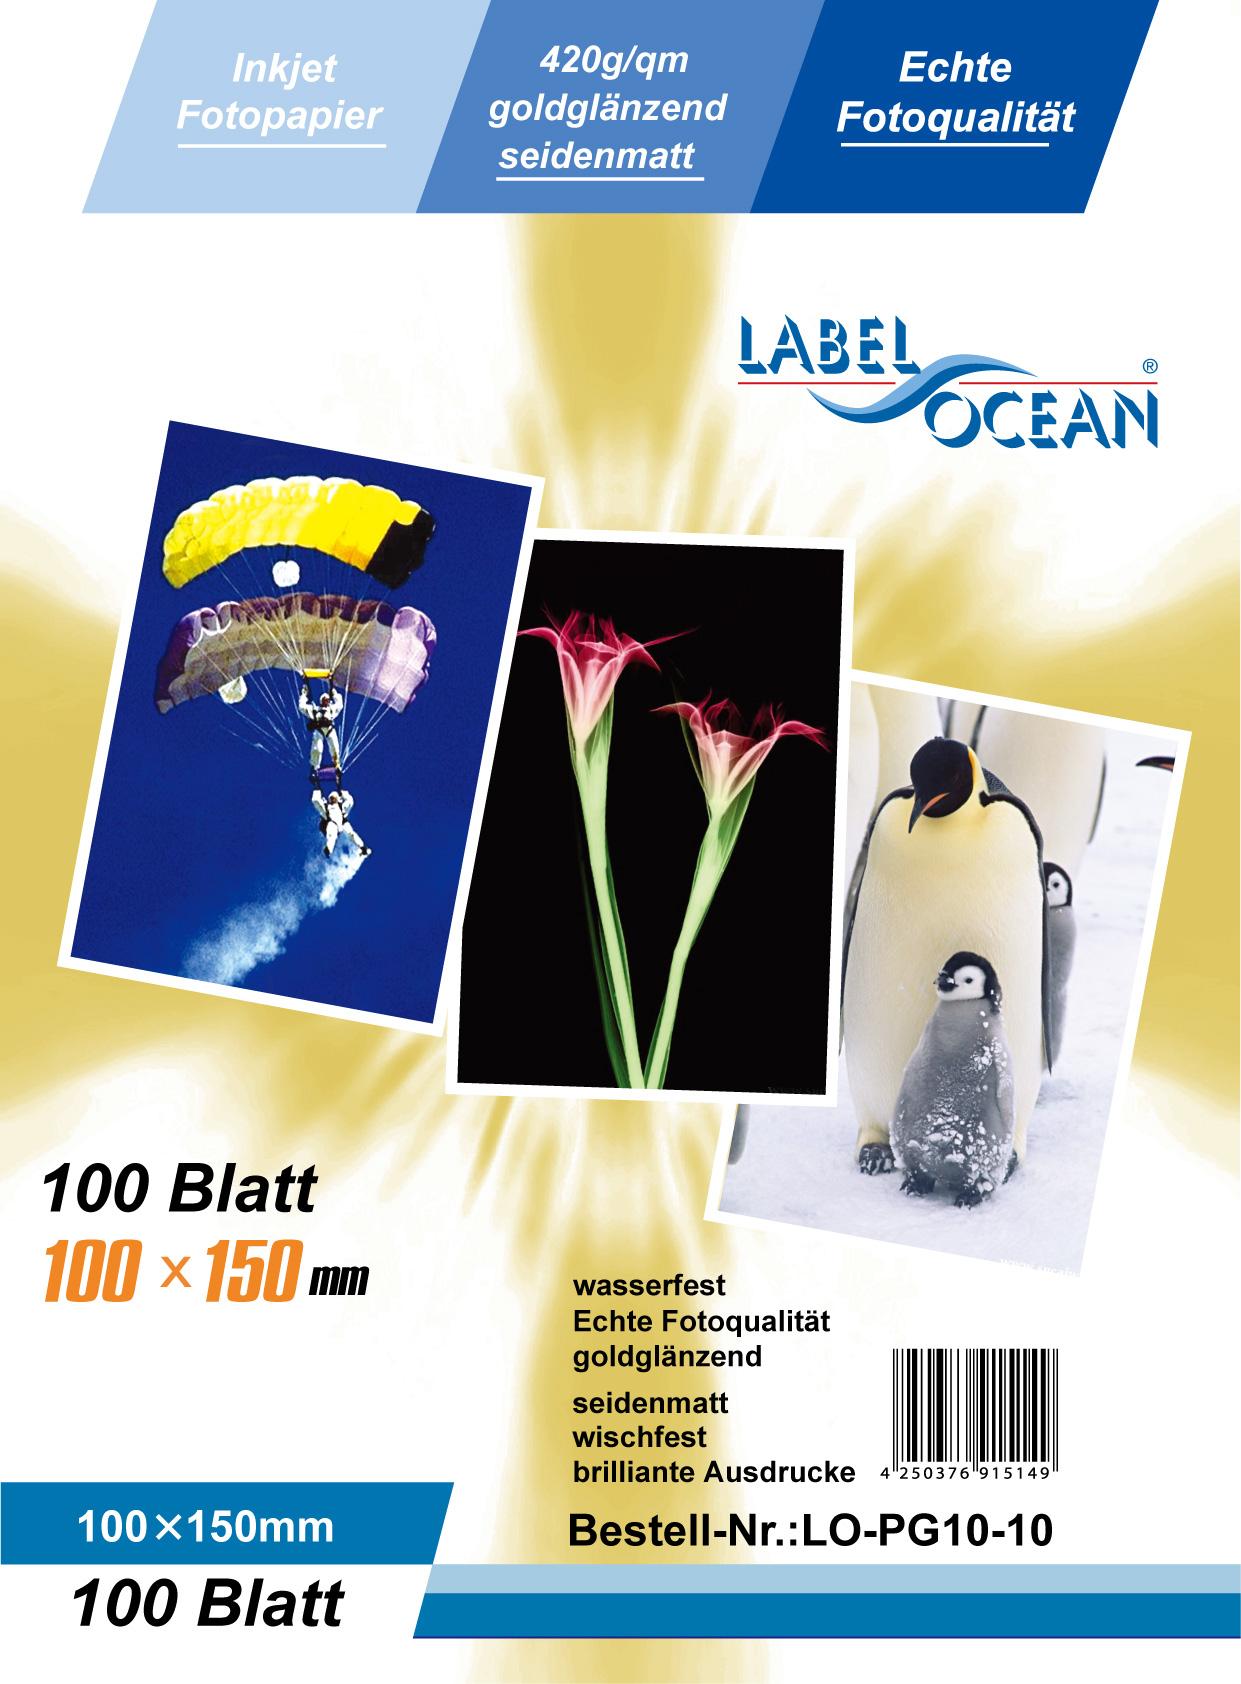 Gold Fotopapier 10 Blatt 10x15cm 420g/m² von LabelOcean